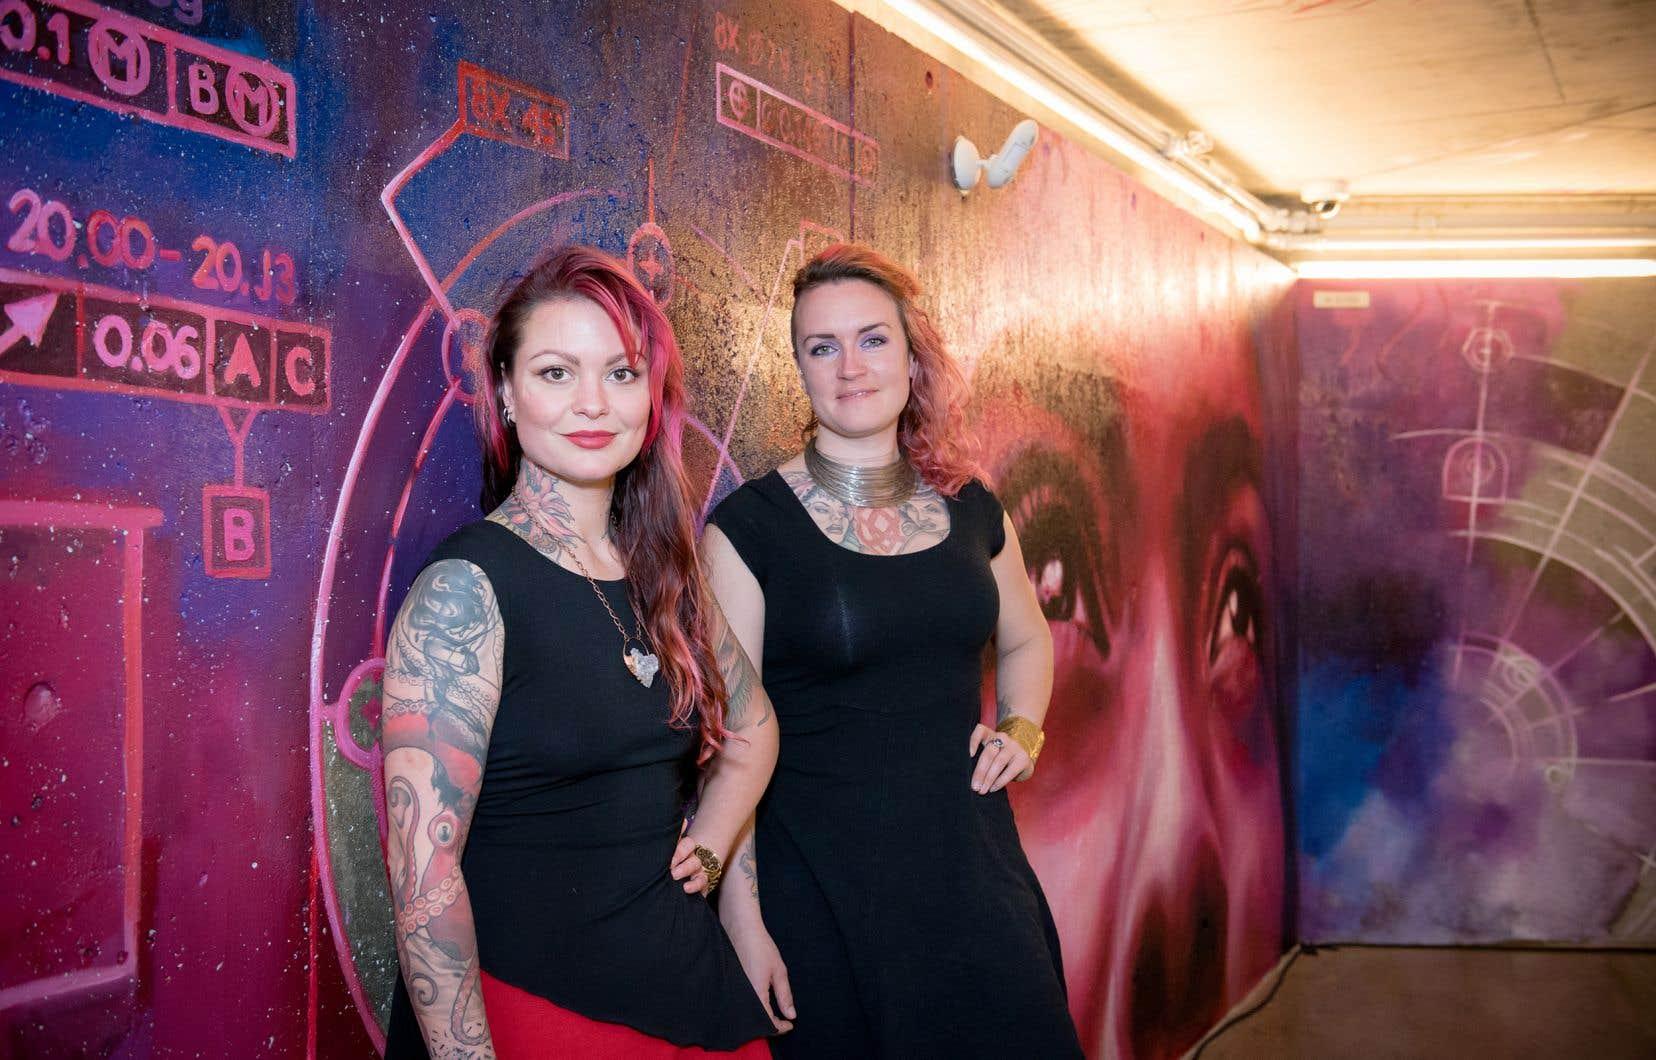 Cette murale, créée dans le cadre de la campagne Objectif Féminin pluriel, est une étape de plus pour faire du campus de l'ETS un milieu de vie dans lequel les femmes sentent qu'elles sont à leur place.